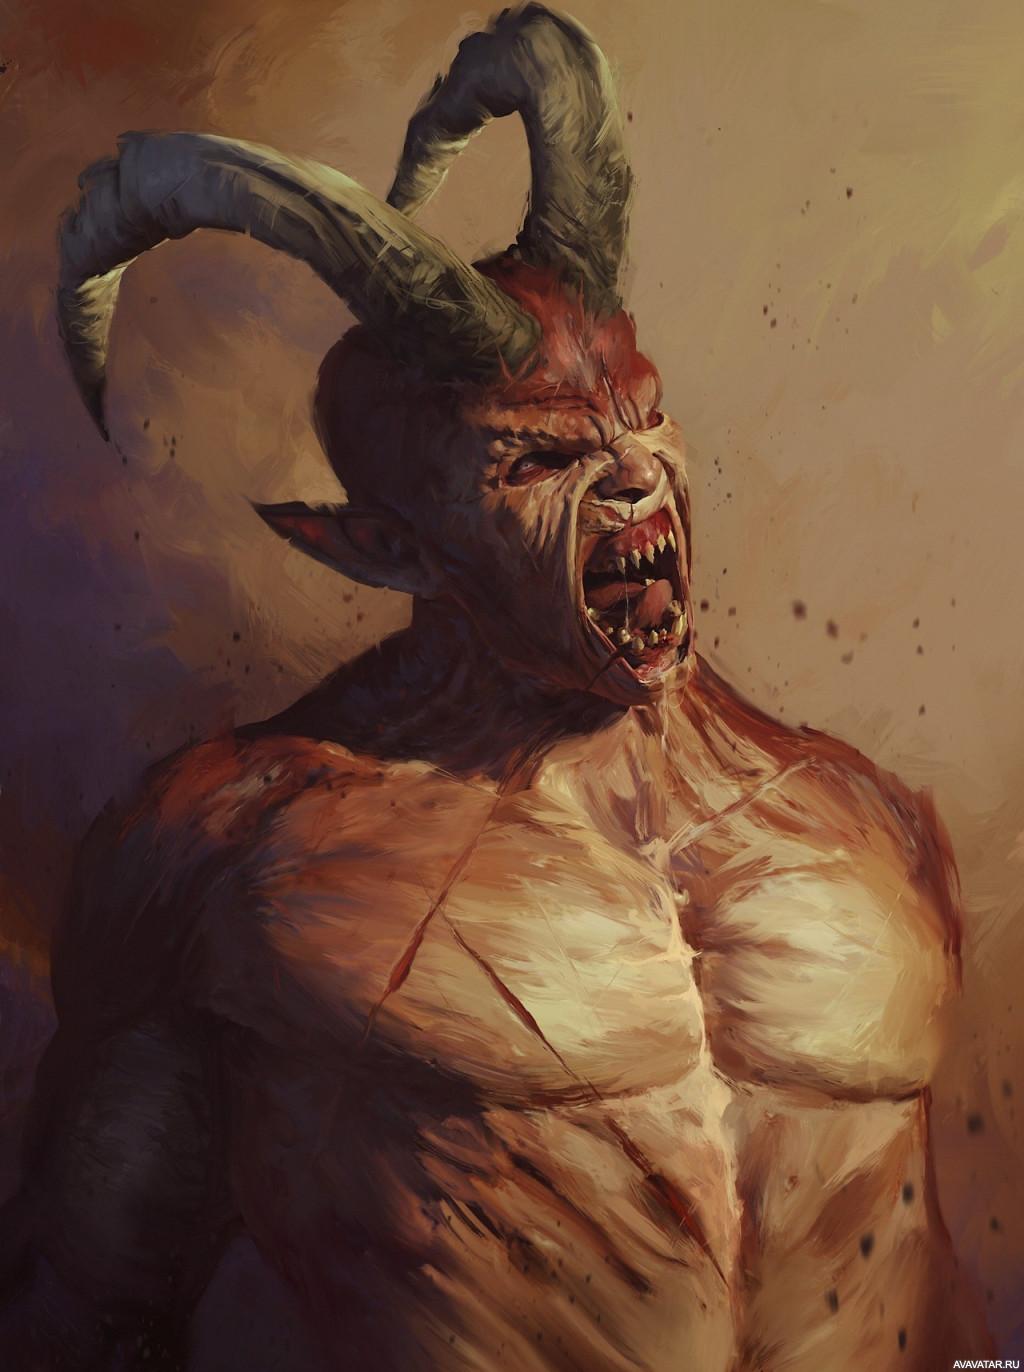 Картинки с демонами смешными, открытками фон рабочий